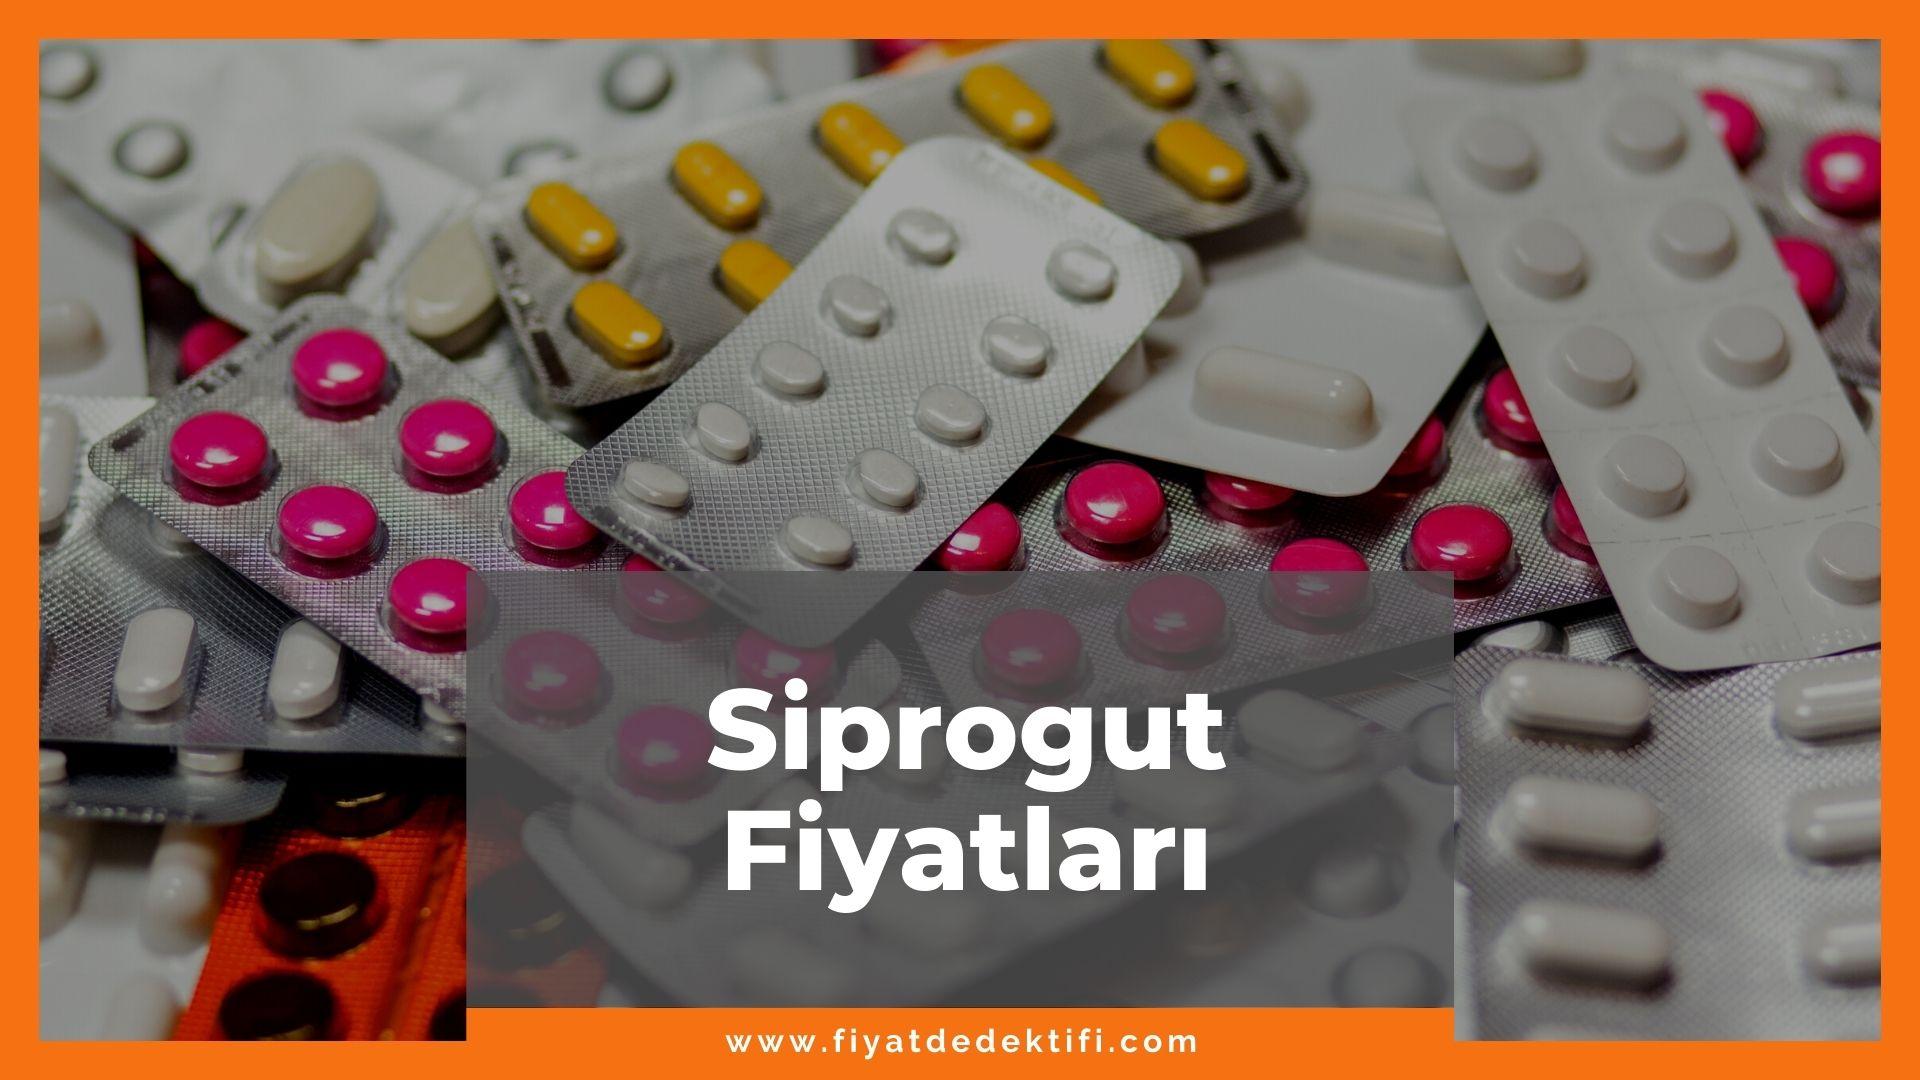 Siprogut Fiyat 2021, Siprogut Göz Damlası - Kulak Damlası Fiyat, siprogut zamlandı mı, siprogut zamlı fiyatı ne kadar kaç tl oldu